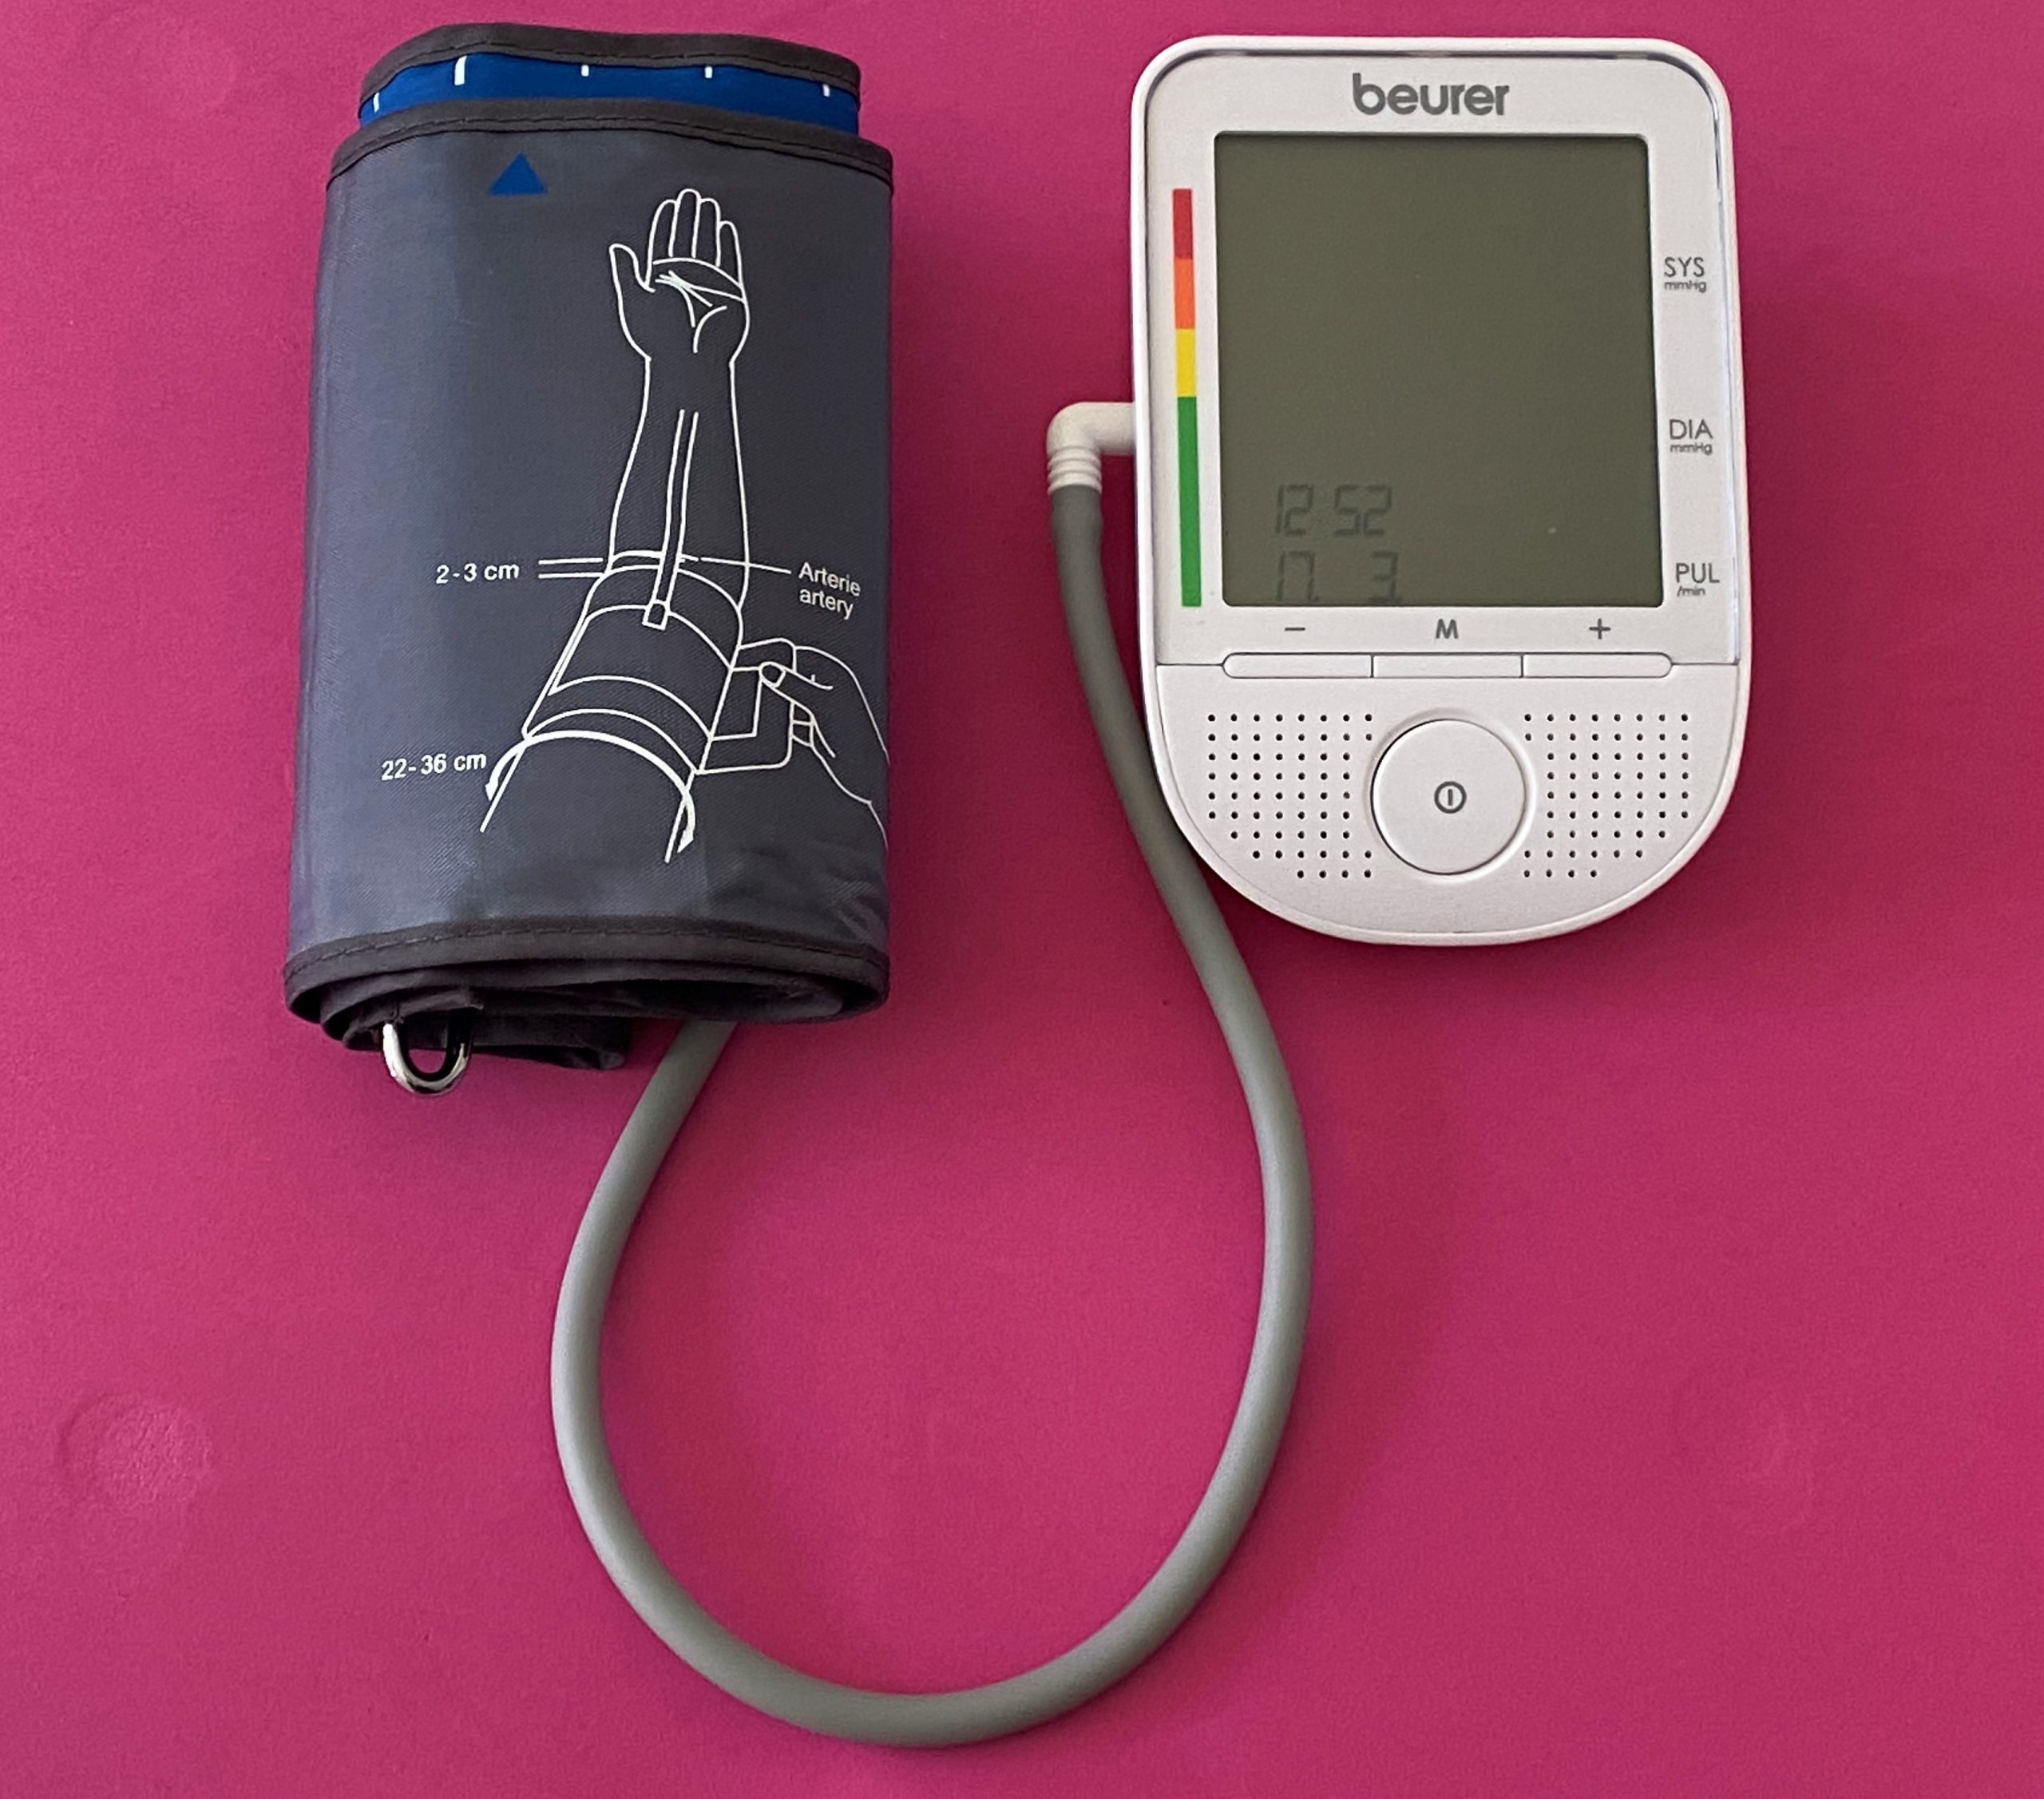 Medidor de tensão arterial, em posição de ser usado.